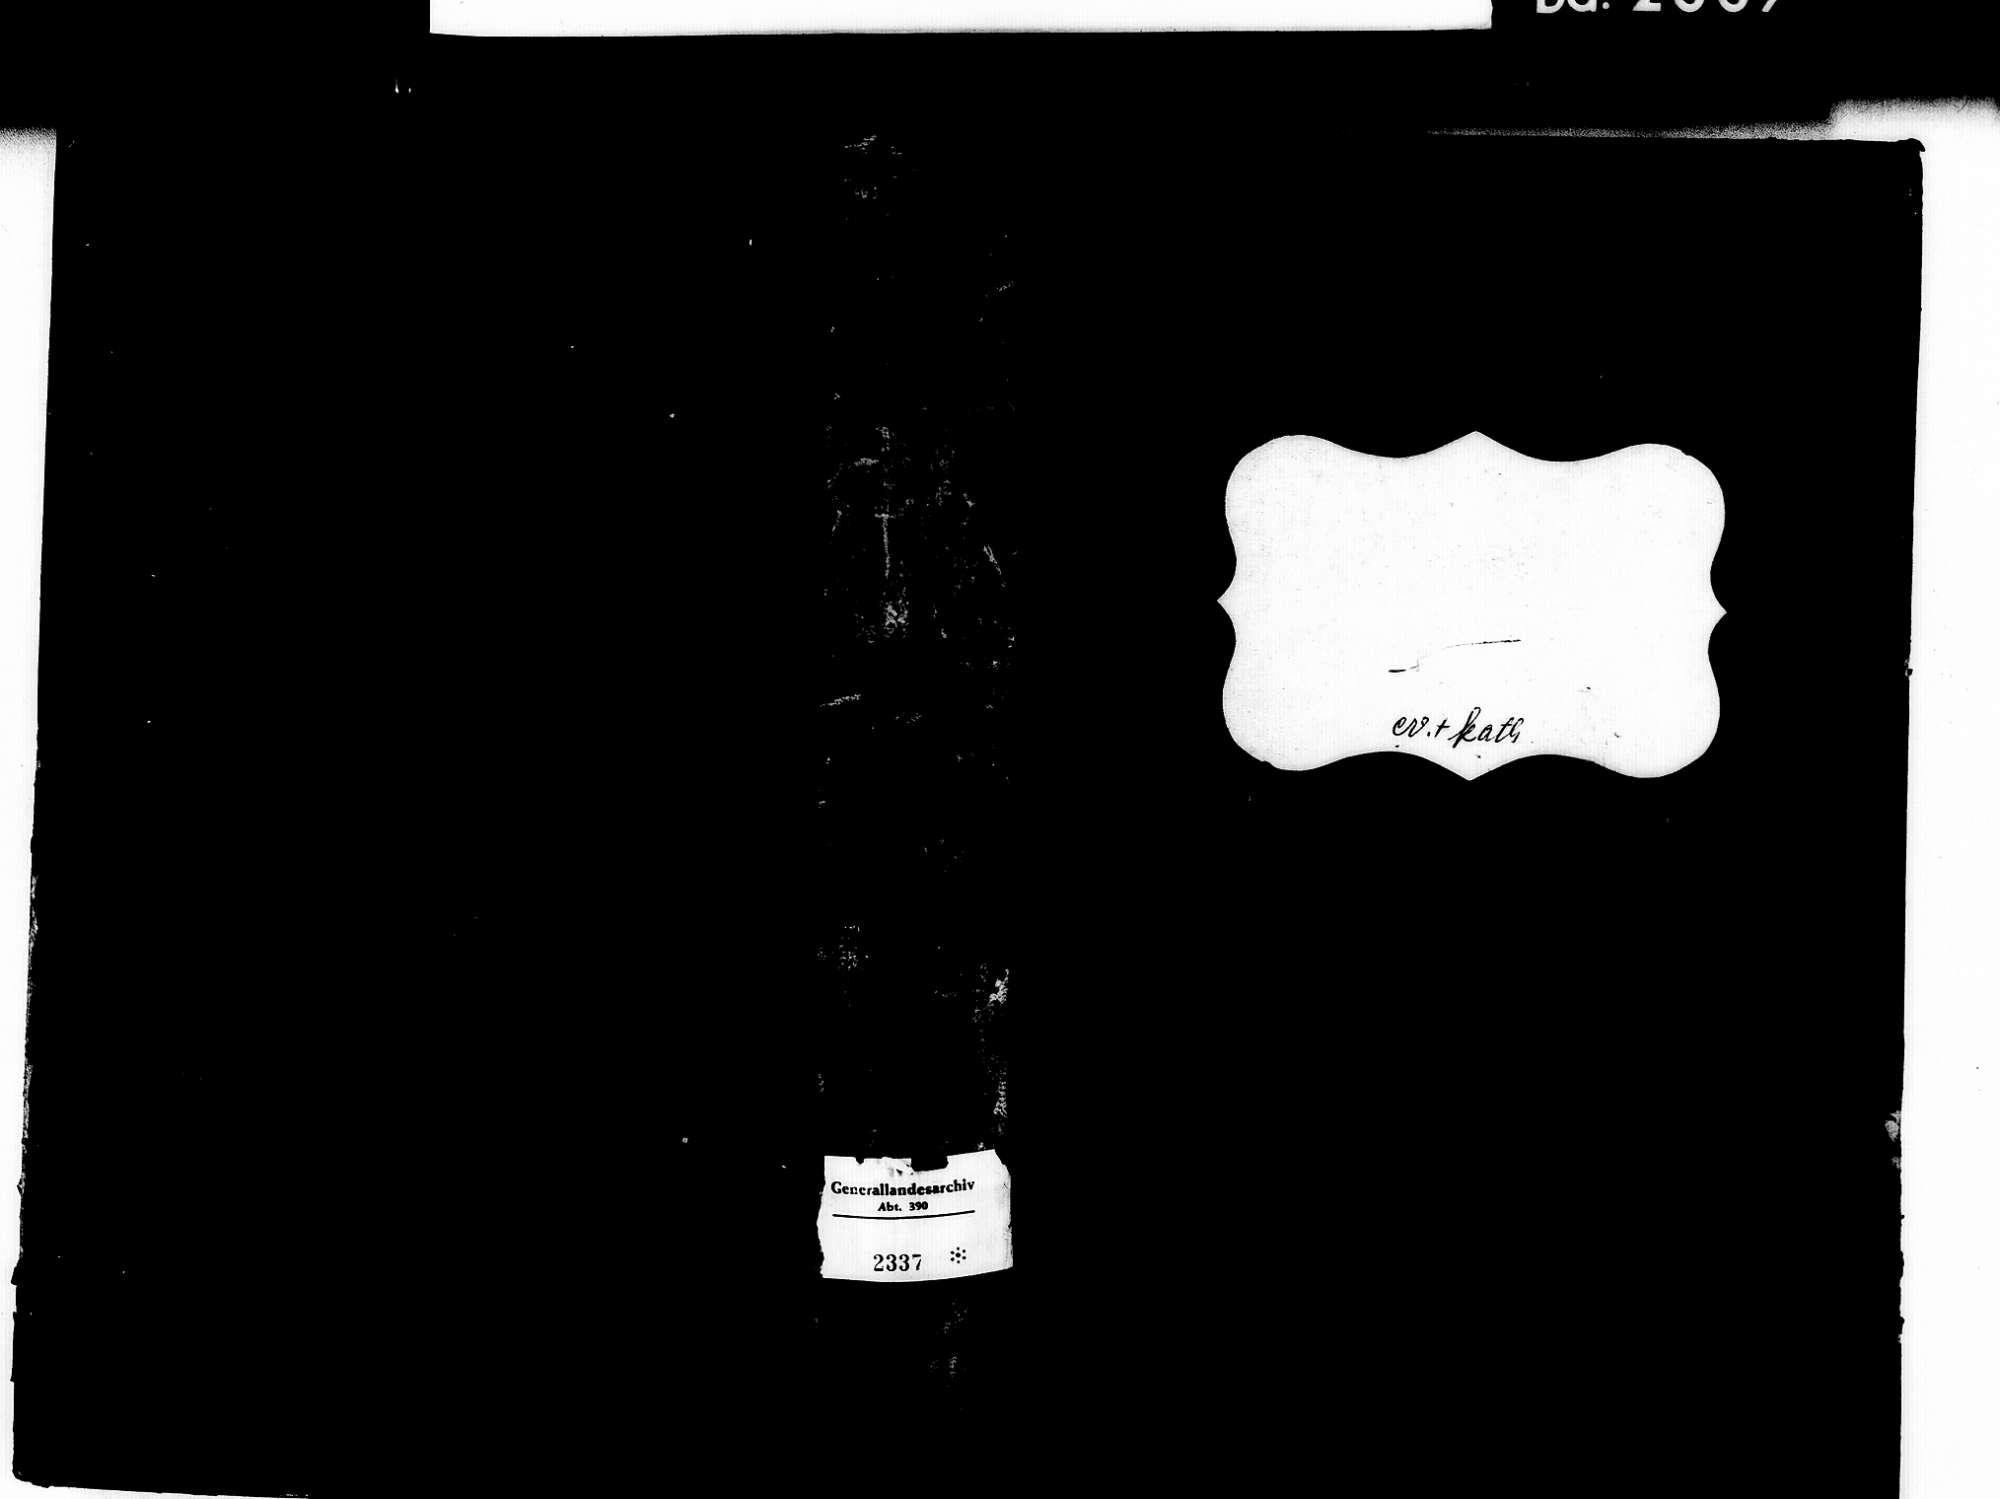 Riegel EM; Evangelische Gemeinde: Sterbebuch 1810-1842 Riegel EM; Katholische Gemeinde: Sterbebuch 1810-1842, Bild 1